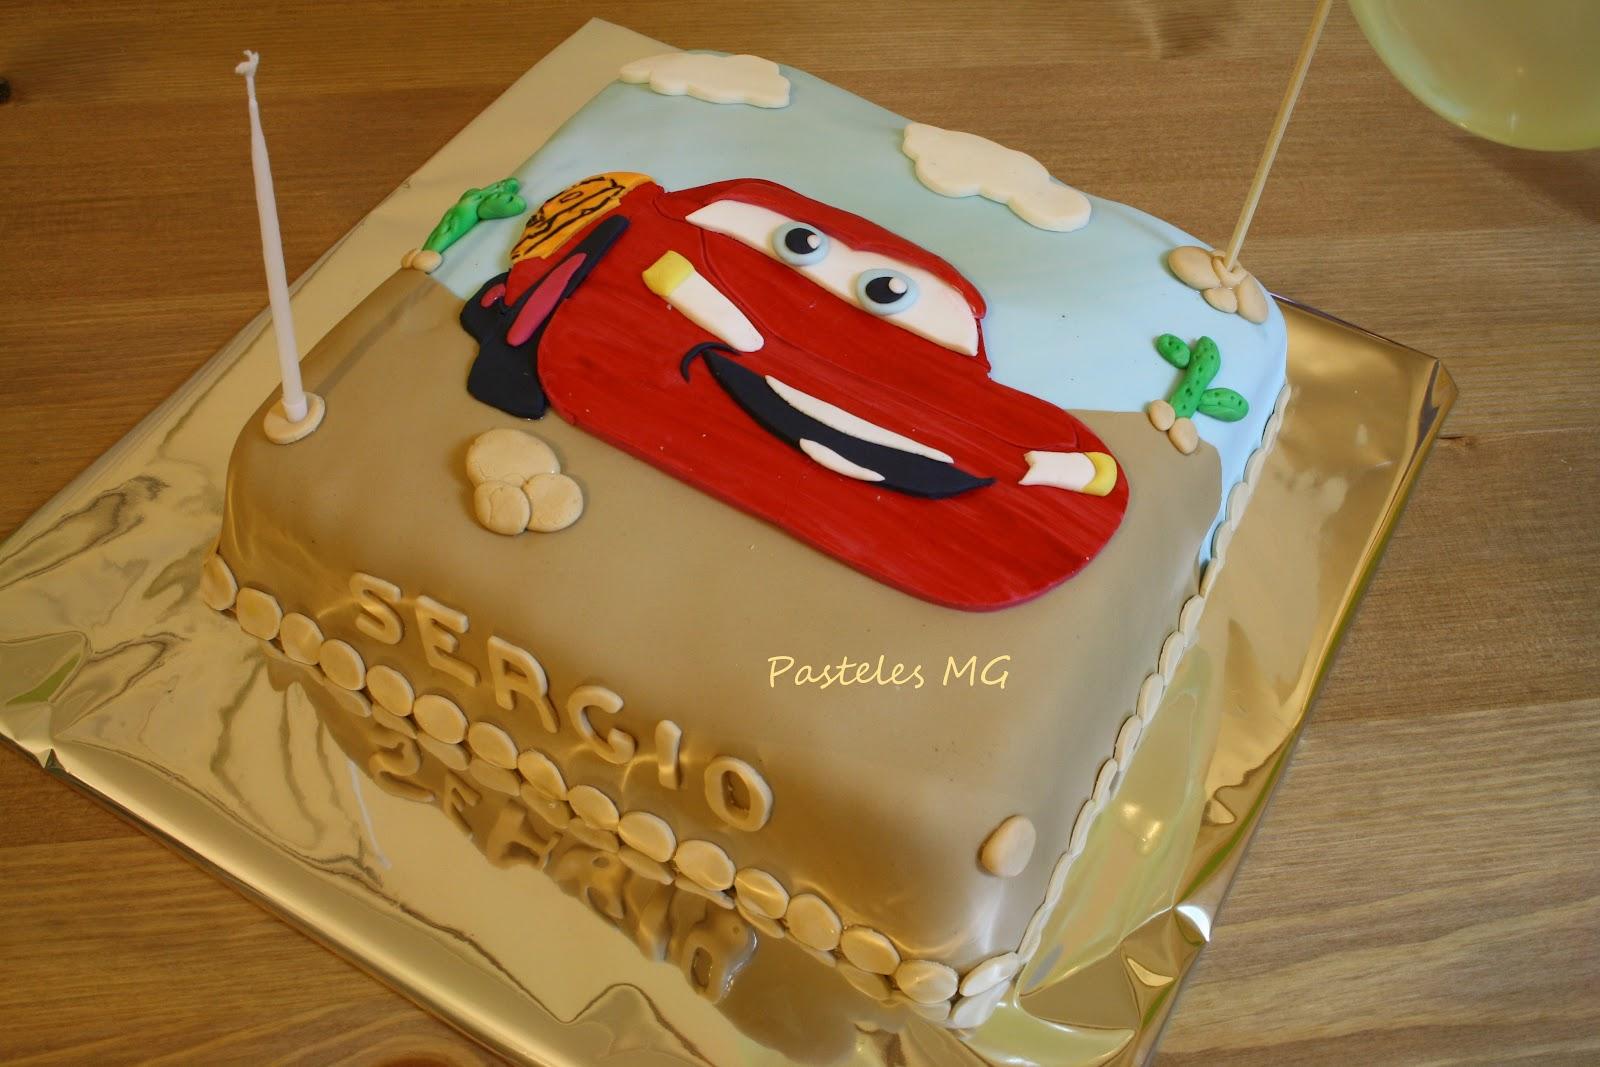 Pasteles Para Nio Catering Y Pasteles Para Fiestas Infantiles - Como-decorar-una-tarta-de-cumpleaos-para-nios